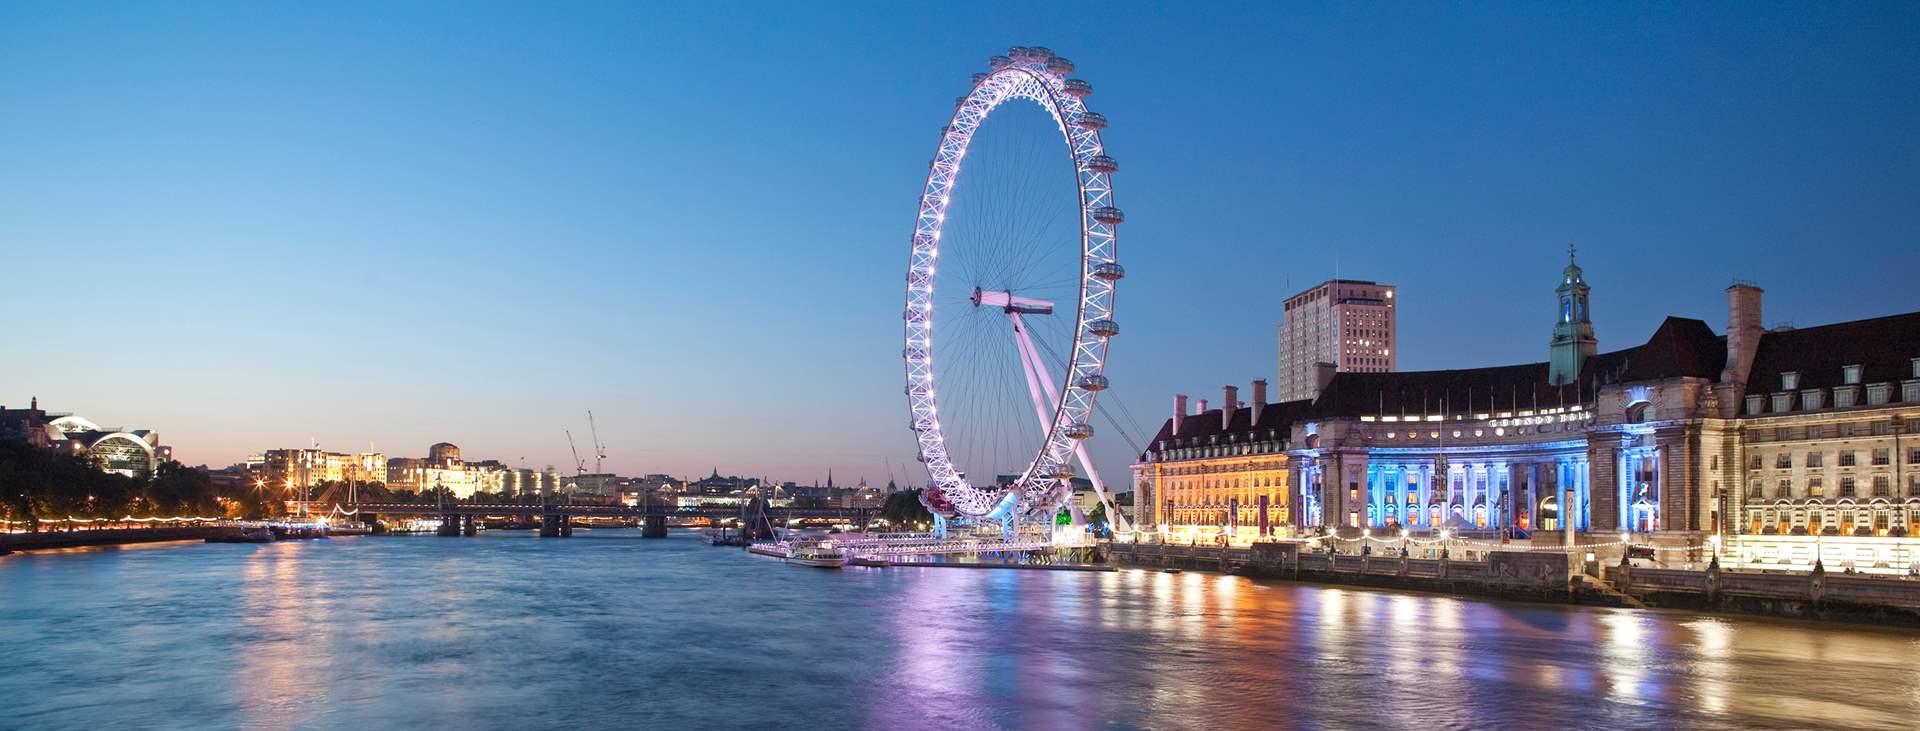 Fotball, Formel 1 eller en hyggelig helg? Bestill en reise til Storbritannia!